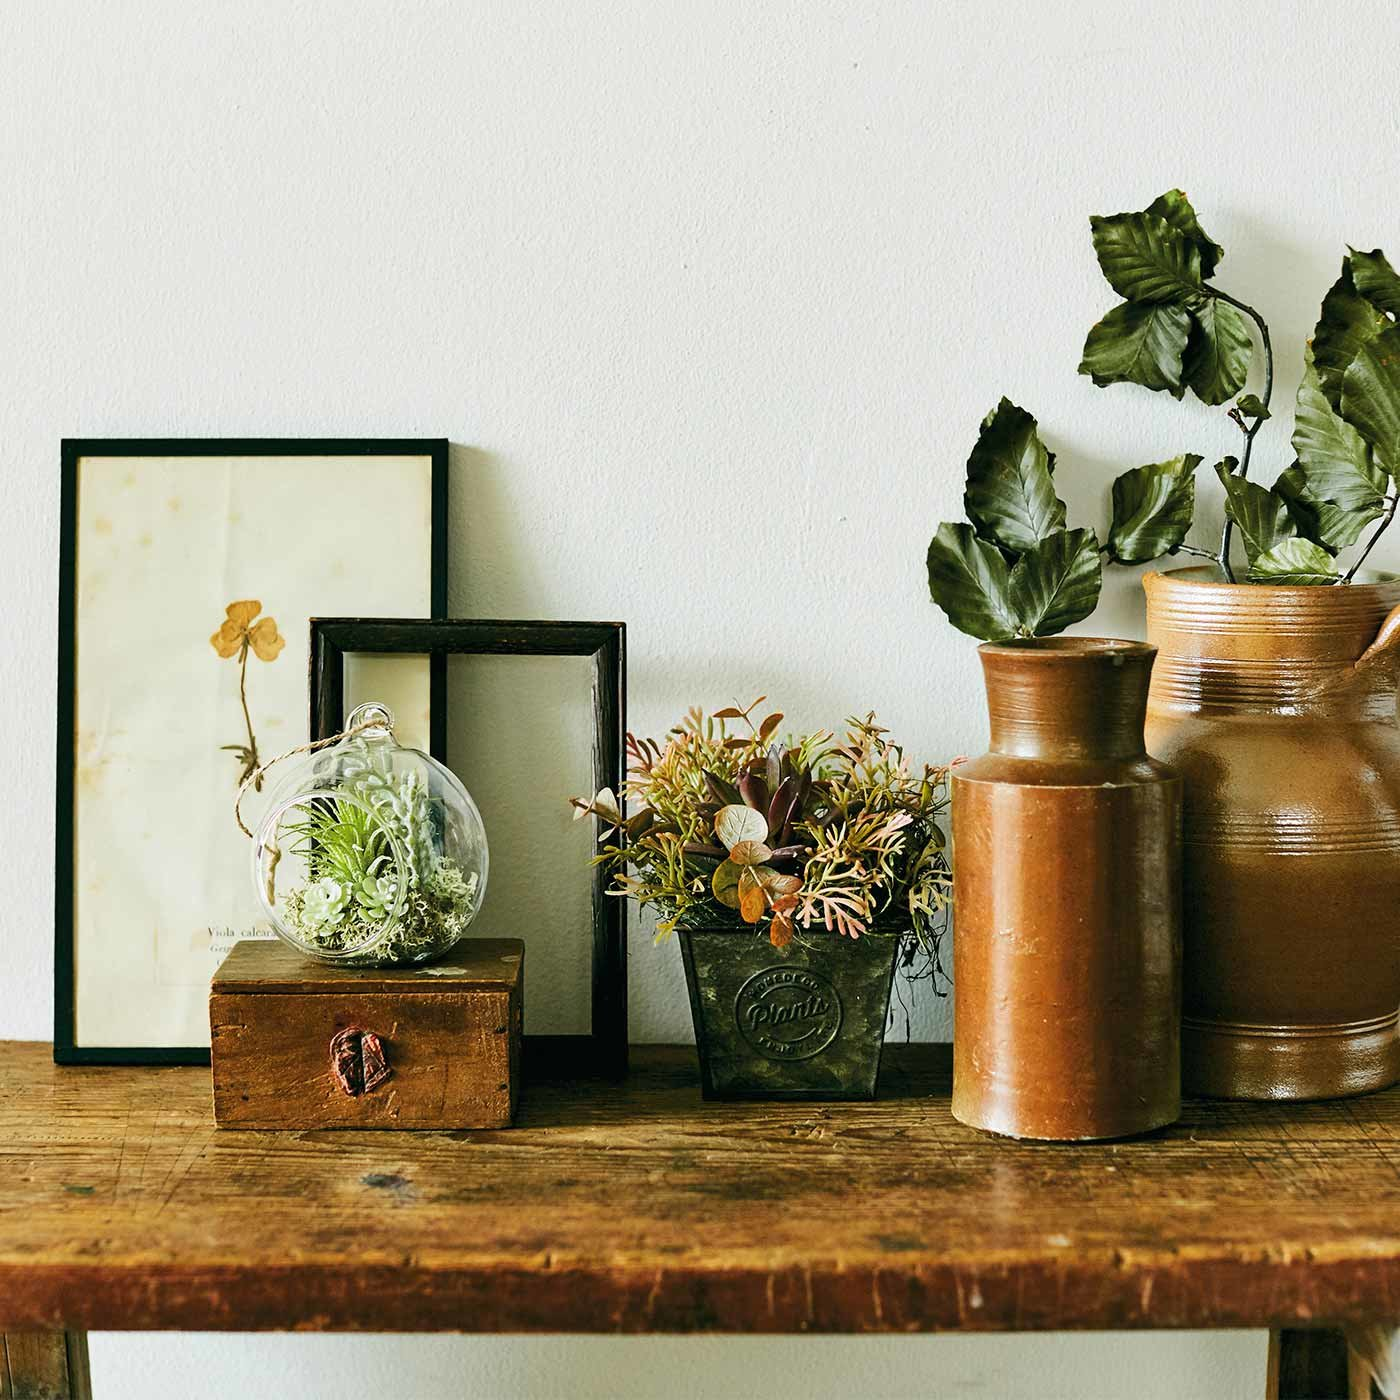 お部屋が癒やしの空間に つるしたり置いたり グリーンアレンジメントの会